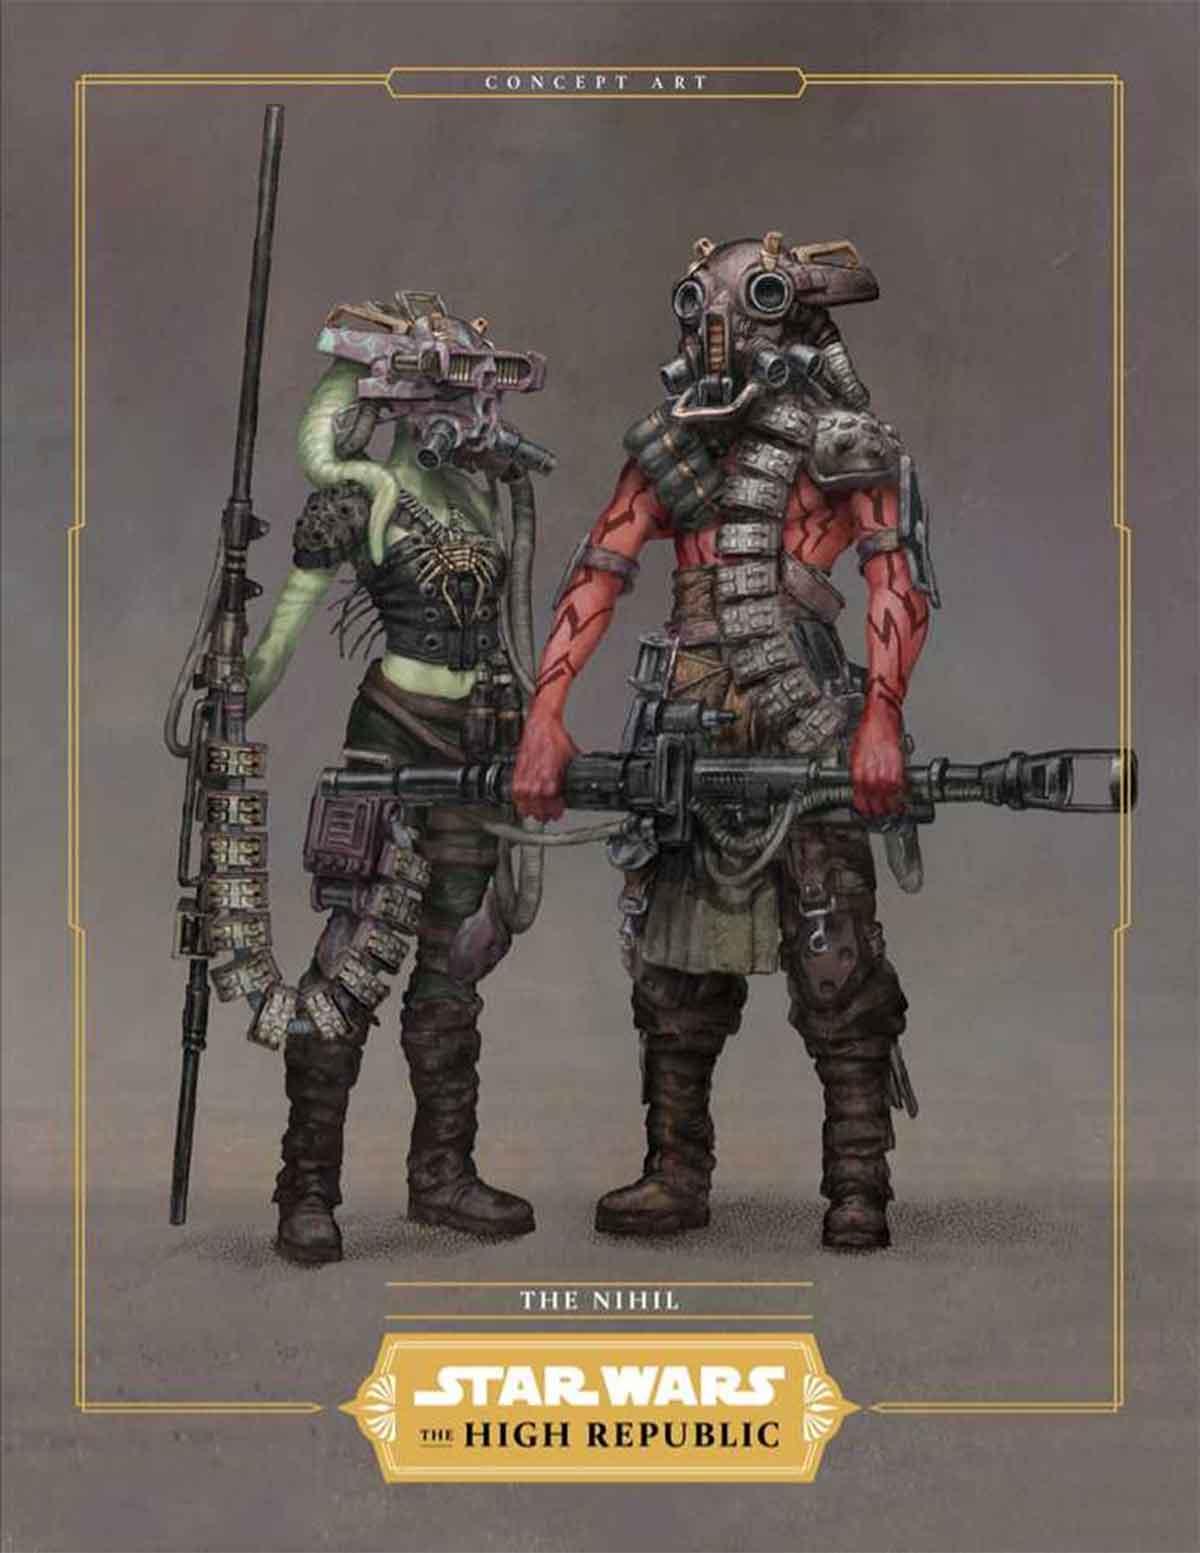 Star Wars revela los villanos más terroríficos